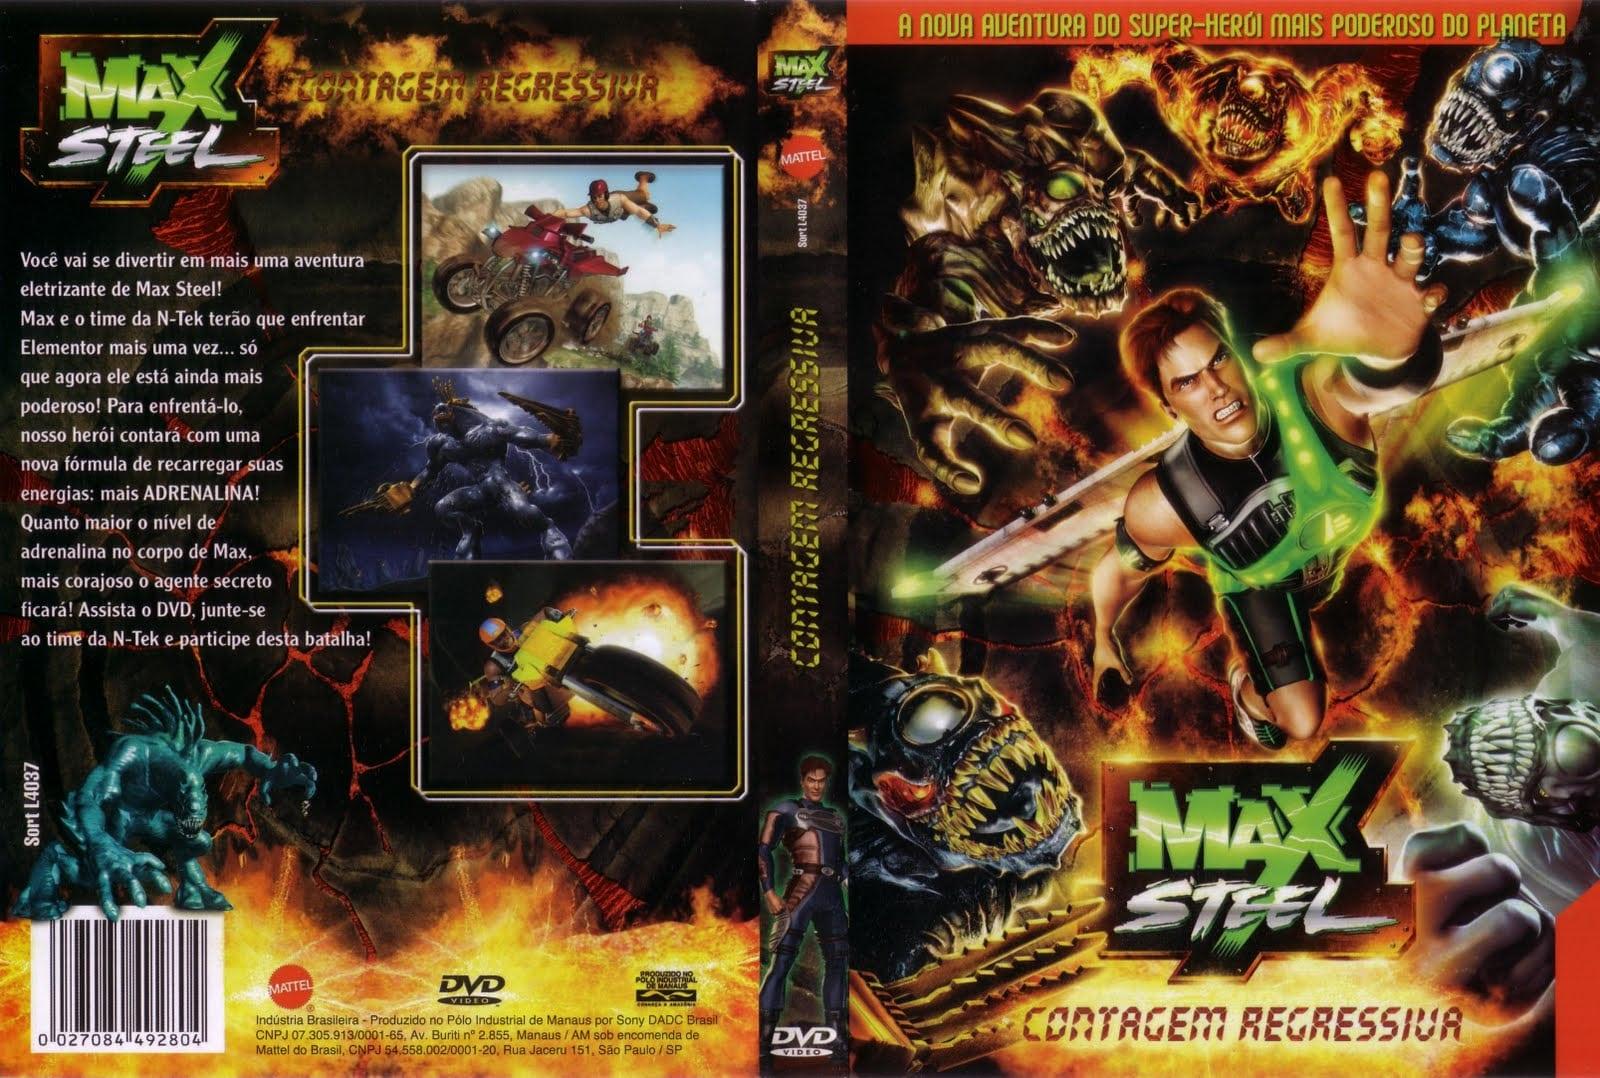 Megapost – Max Steel « Visitem Www Coversblog Com Br